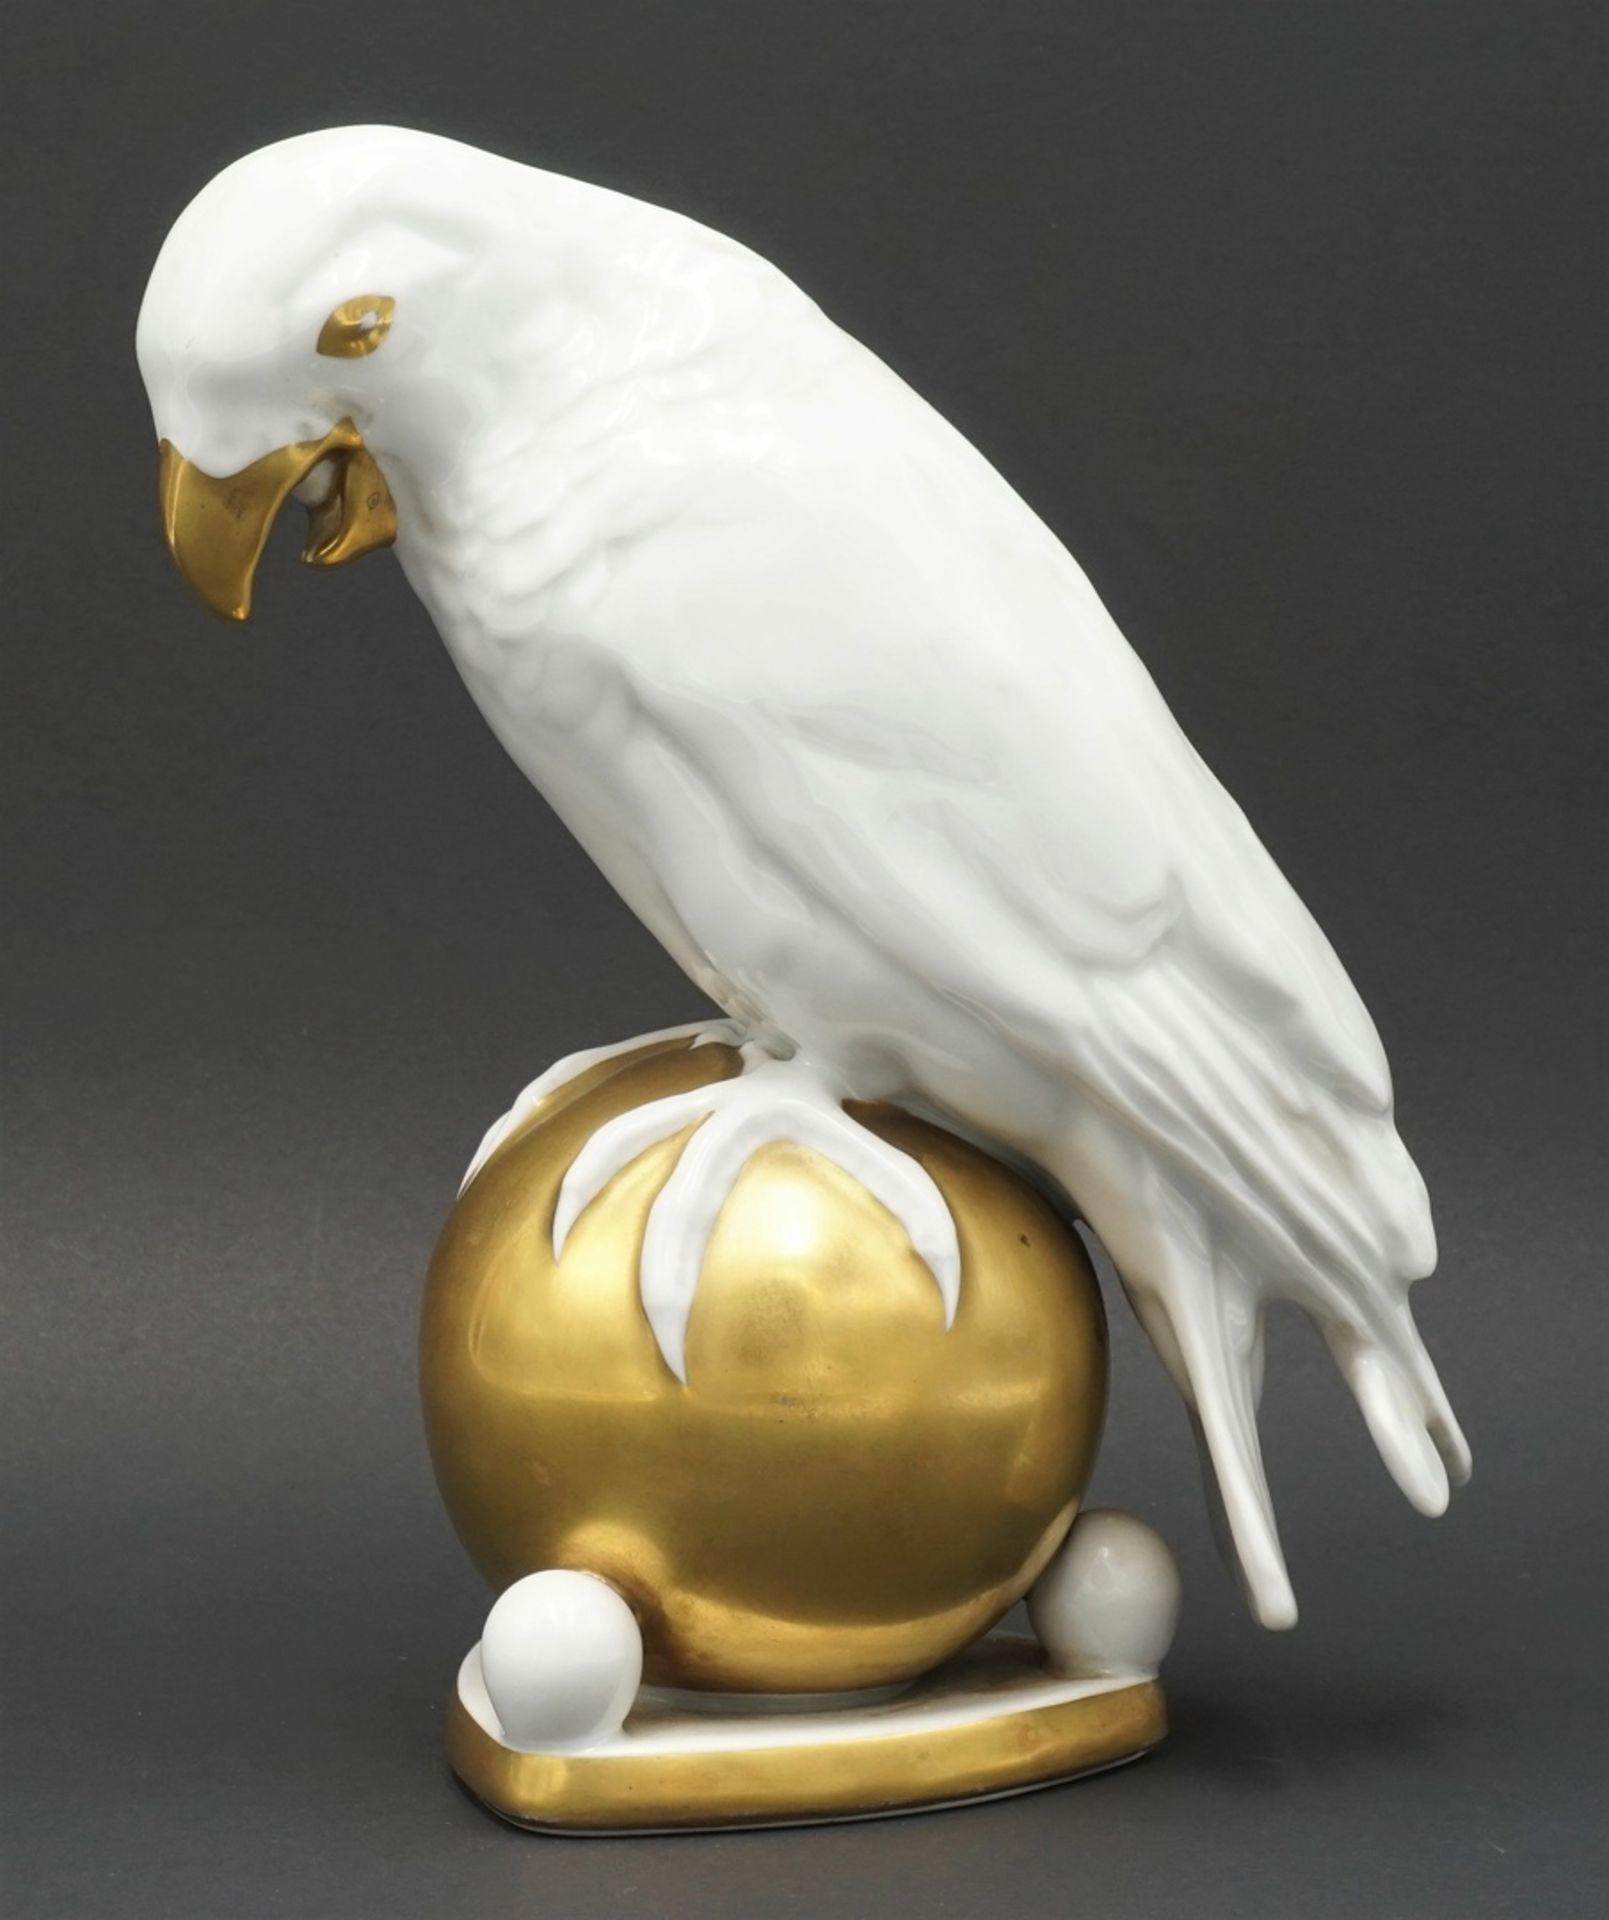 """Fritz Klee, Hutschenreuther """"Papagei auf Kugel"""", 1911-1939 - Bild 2 aus 5"""